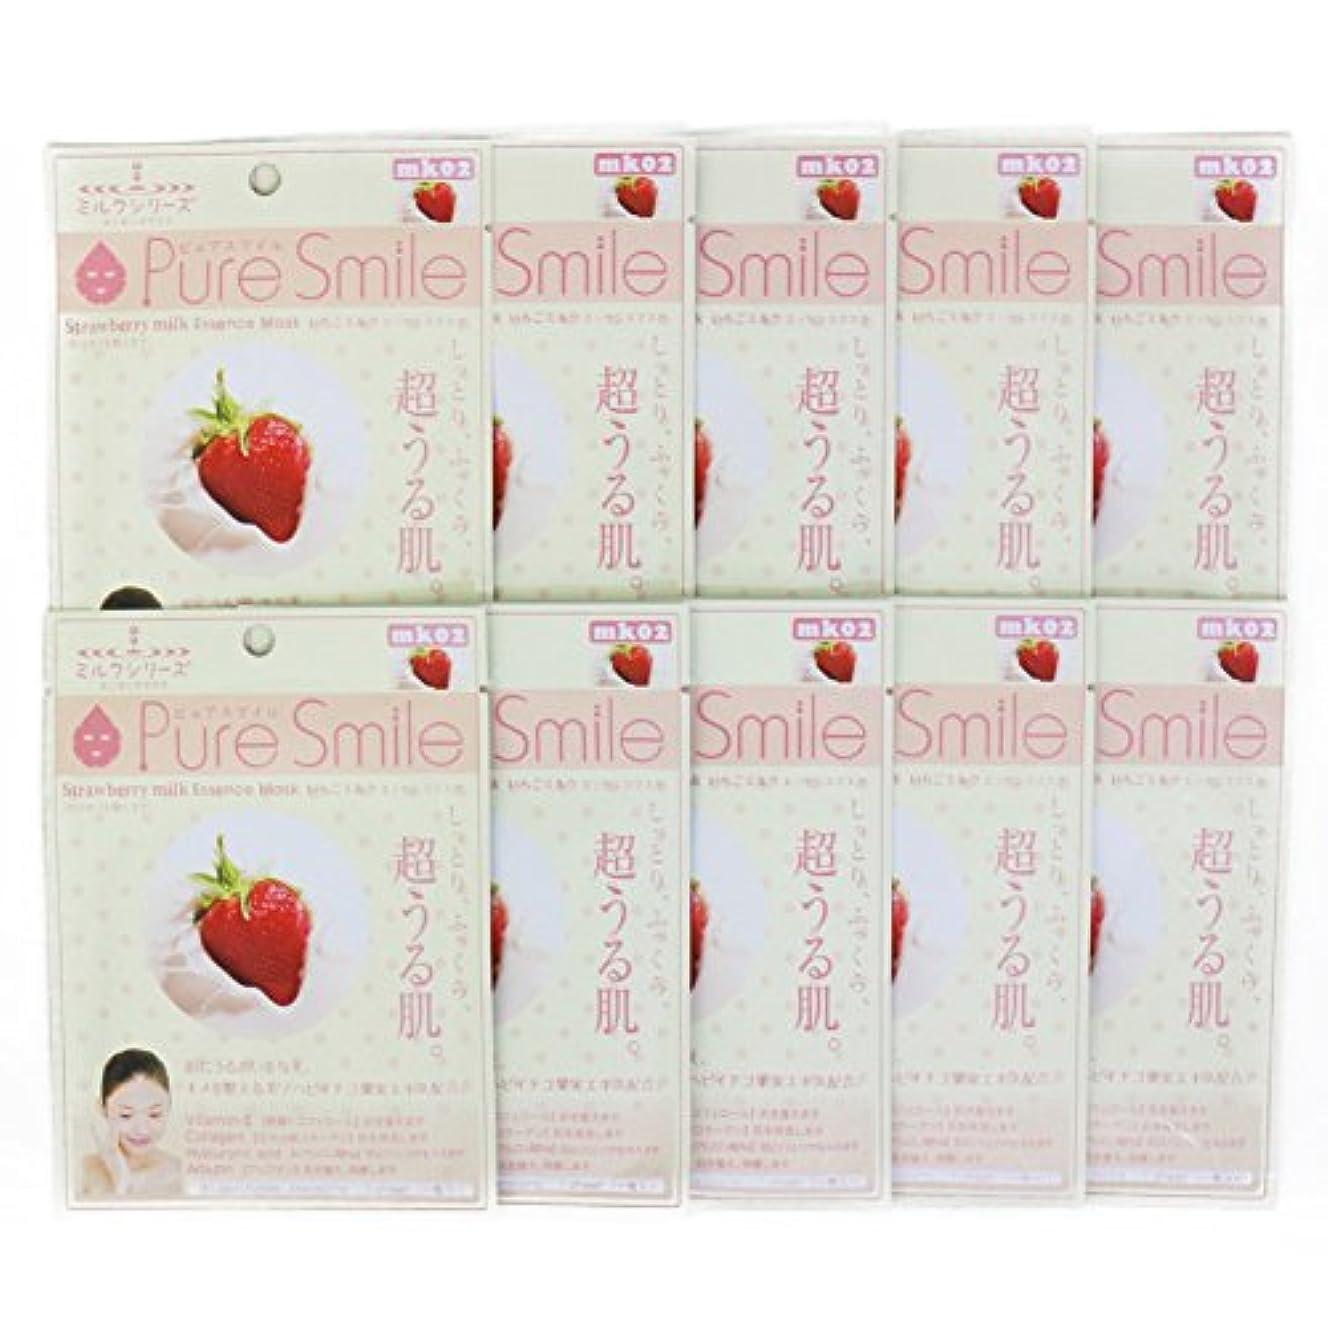 組み合わせ二十処理するPure Smile ピュアスマイル ミルクエッセンスマスク イチゴミルク 10枚セット